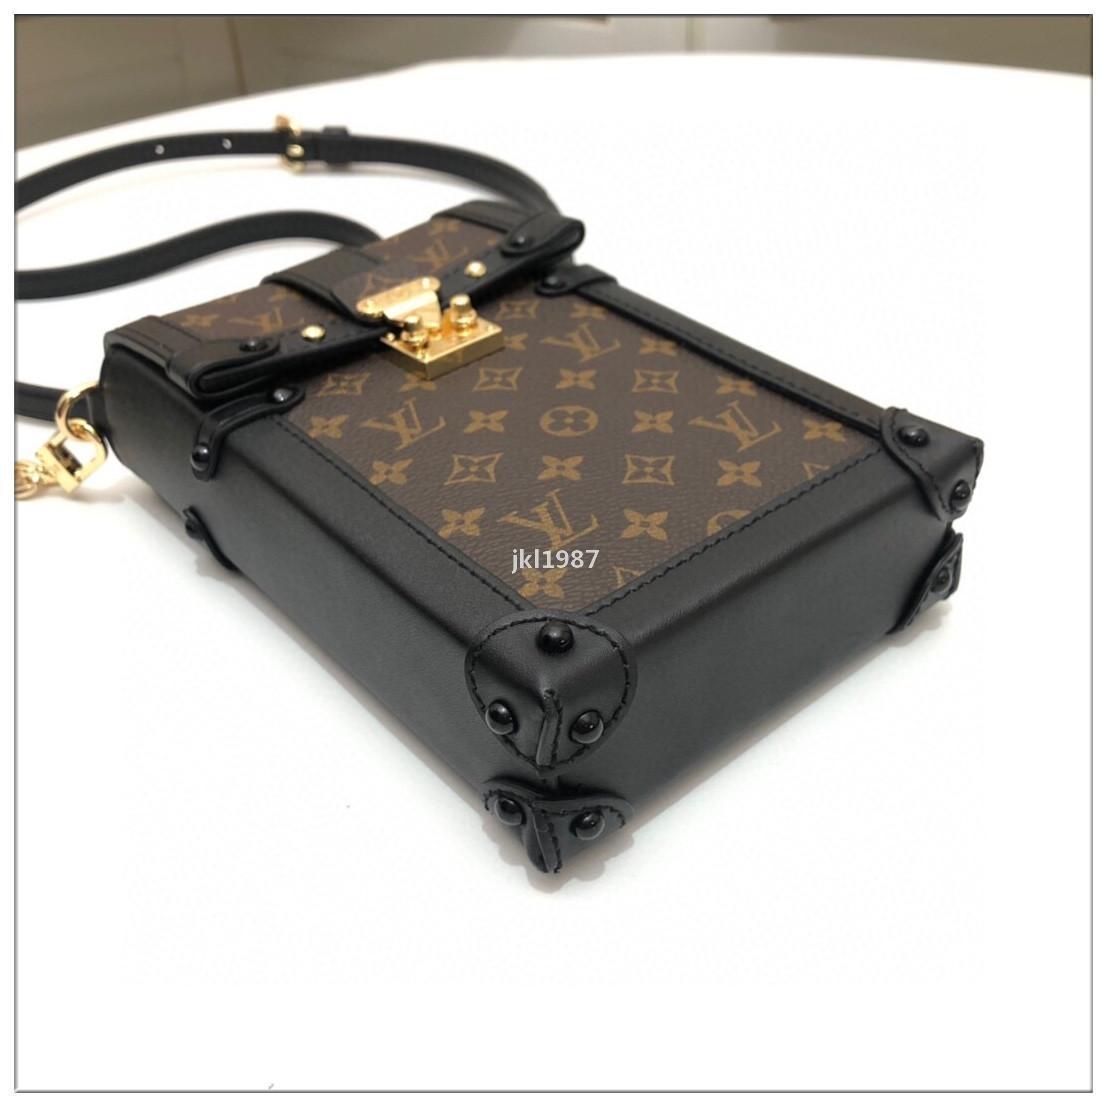 luxoDesigner J331 2020 Hot Luxury Bolsas mulher bolsa de couro real Fashion Square Box Atacado - Designer Clutch Bag Shoulder Messeng